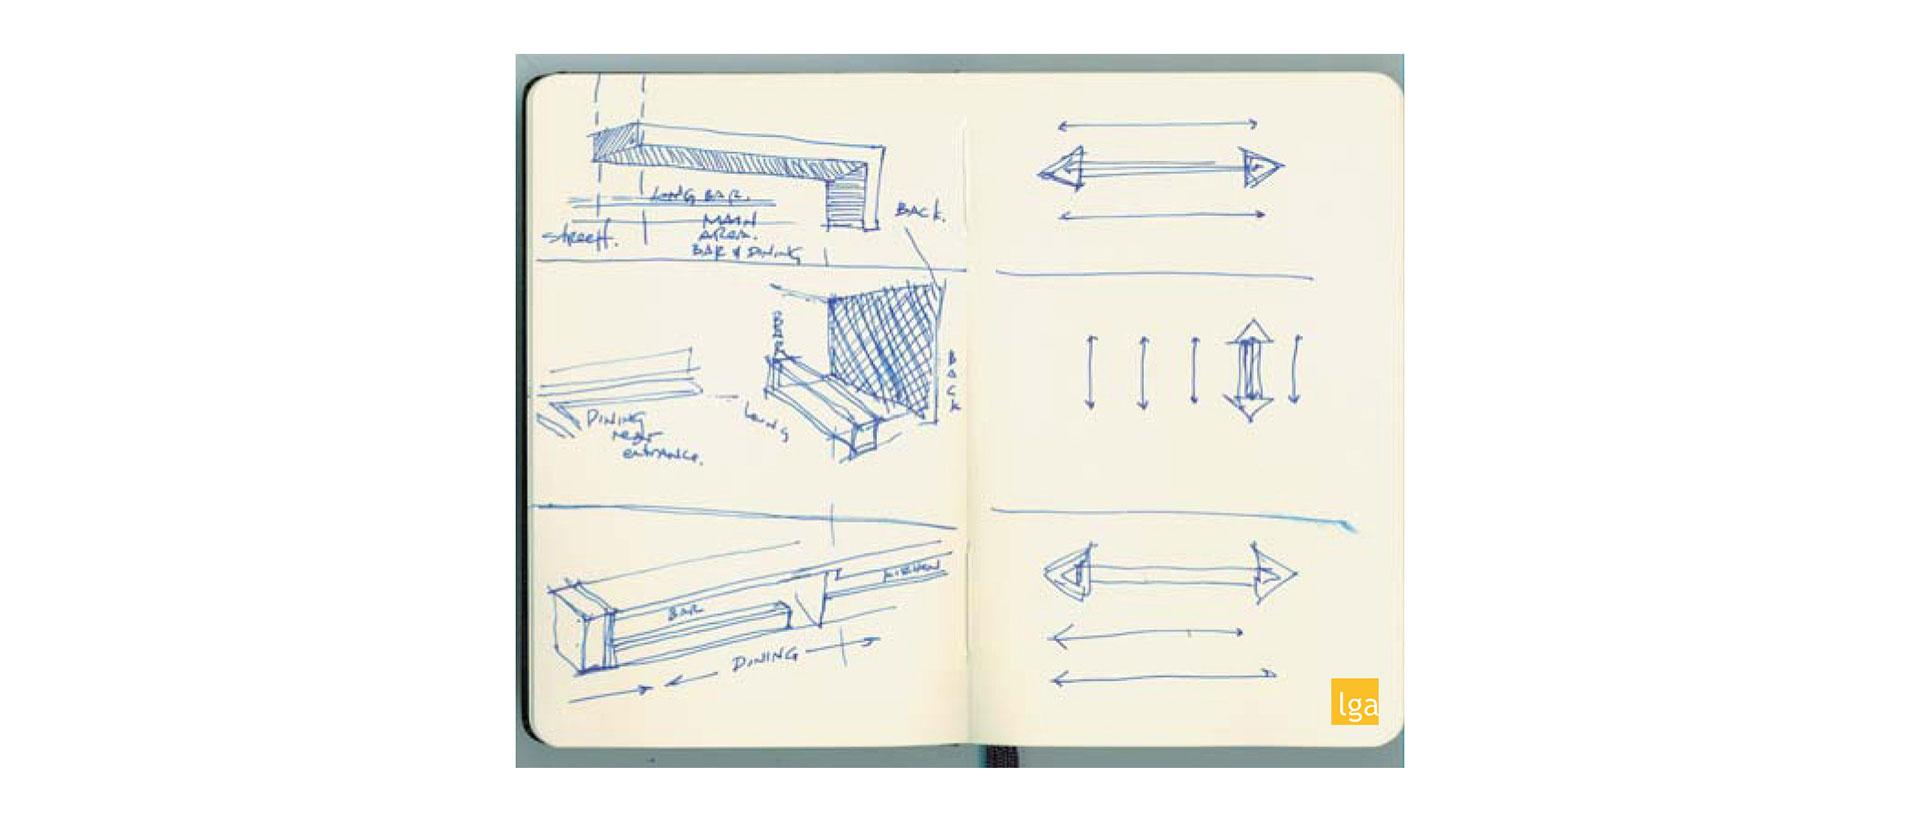 tapas-2-sketch